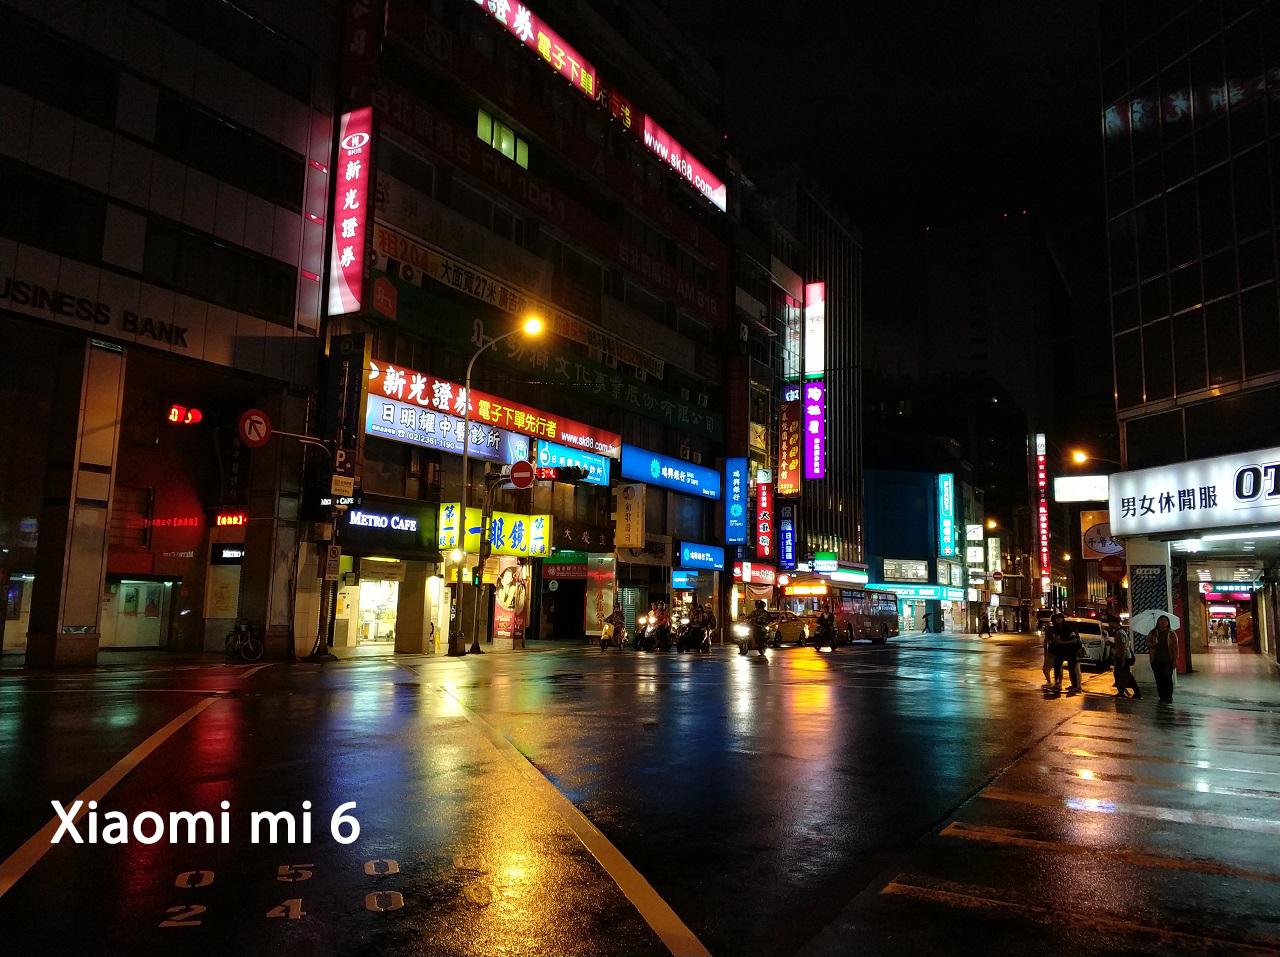 Spesifikasi-Xiaomi-mi-6-harga-terjangkau_1238232